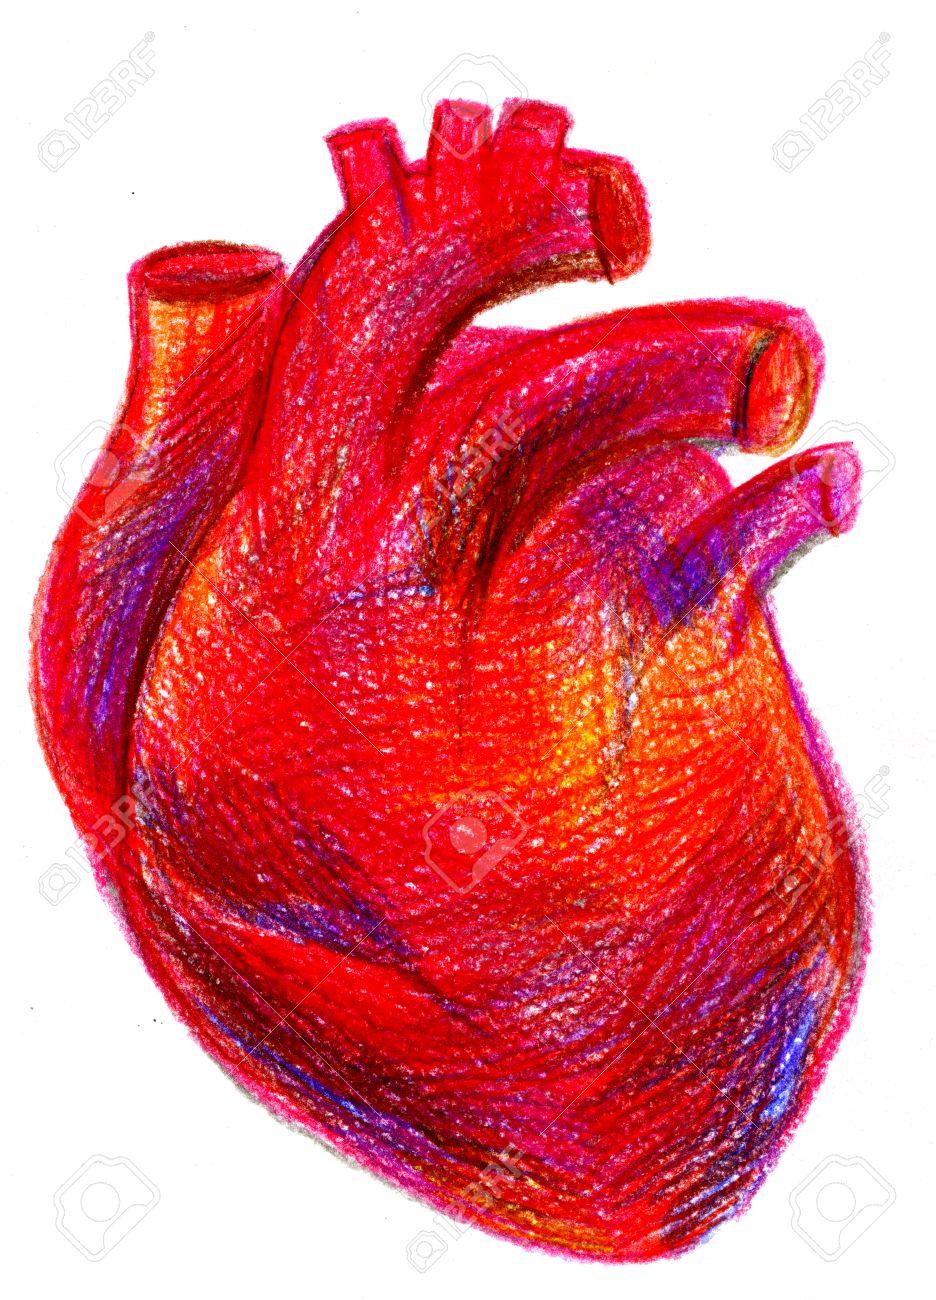 Gros Plan Dessiné Main Multicolore Crayon Dessin Crayon Portrait Anatomique De Carmin Un Rouge Sang Cavité Cardiaque Du Coeur Humain Avec De Grands